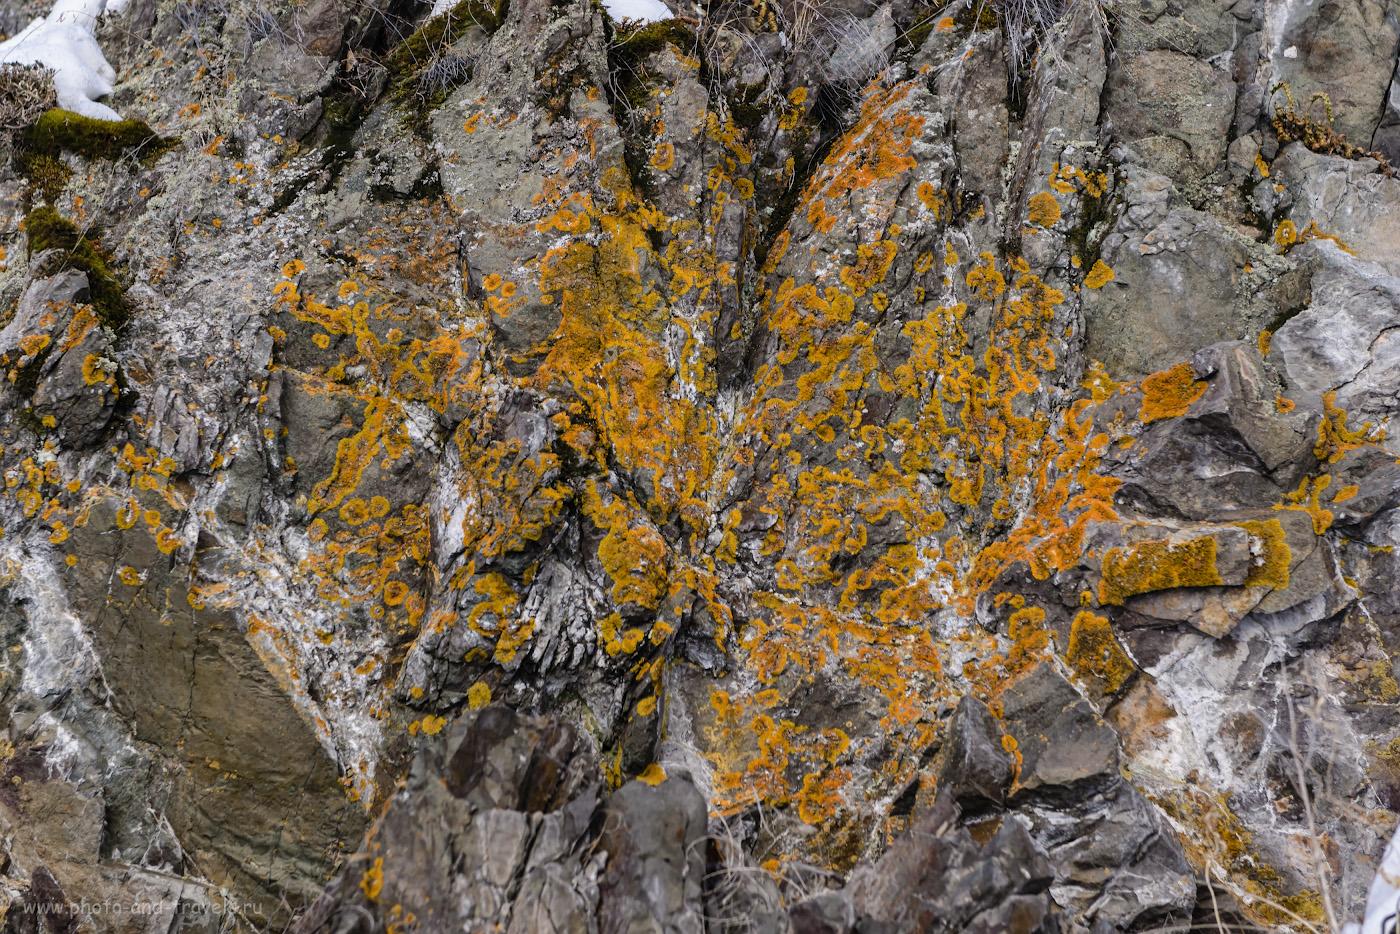 Фото 18. Лишайники у Ольгинского водопада. 1/160, -0.67, 4.5, 180, 70.